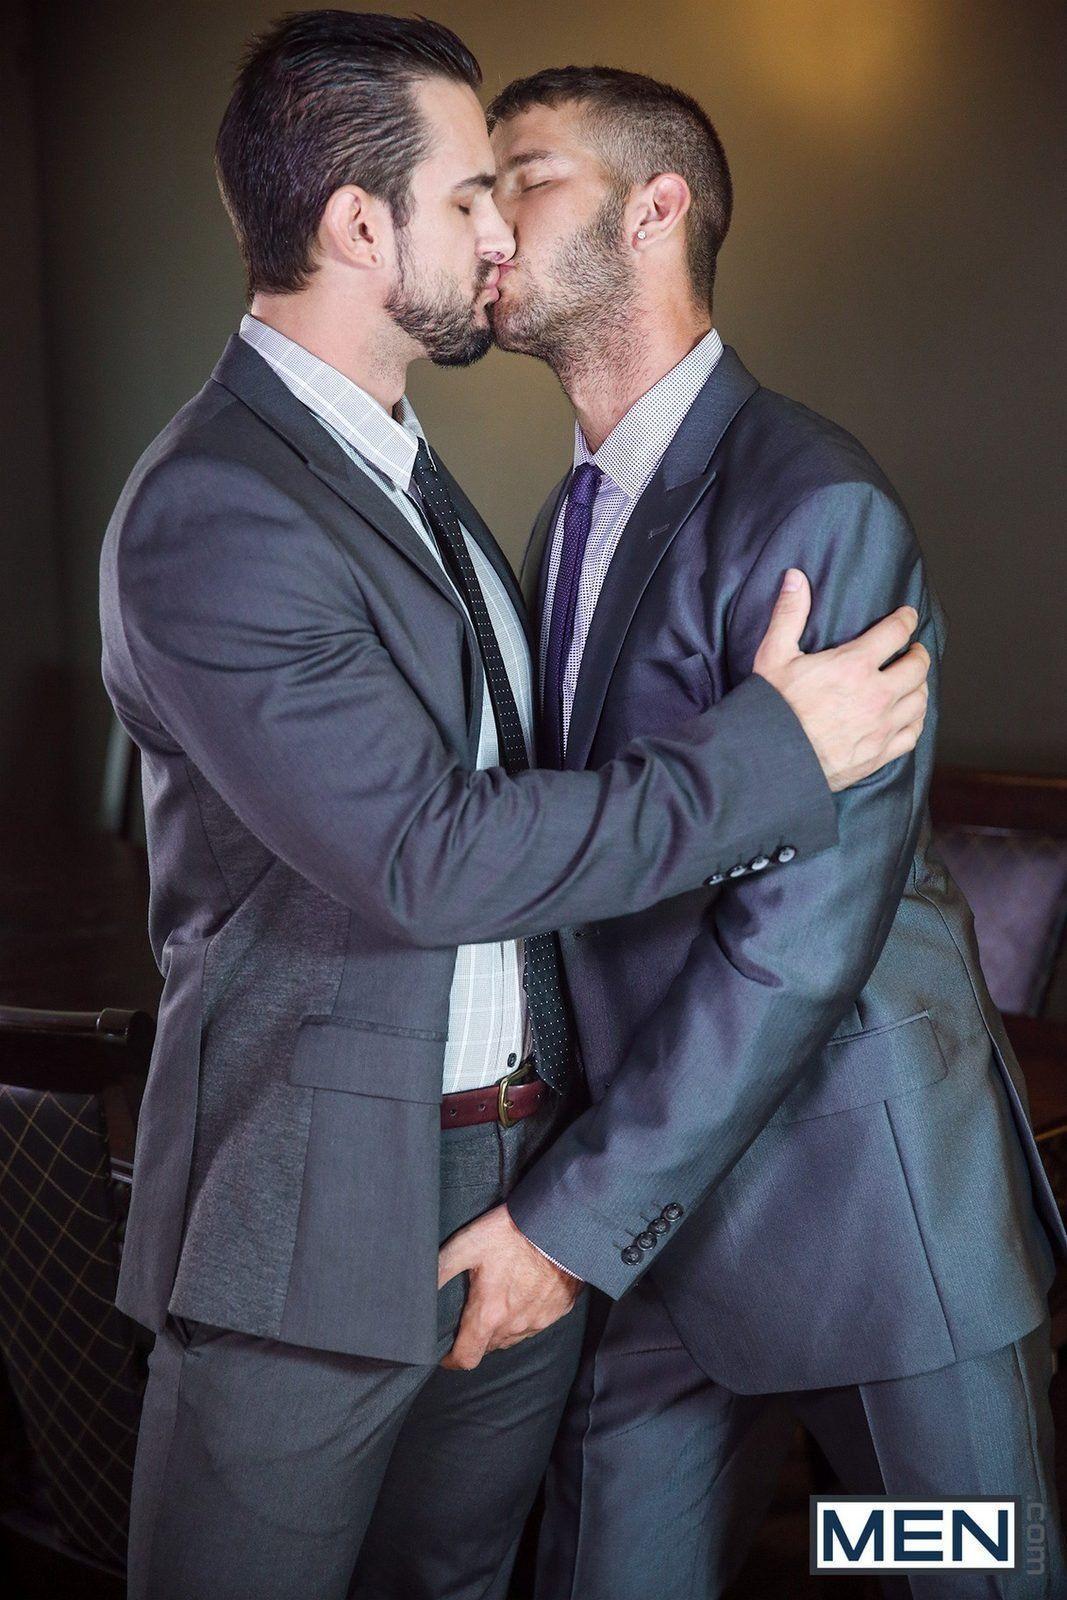 Machos gays fazendo sexo oral no escritório